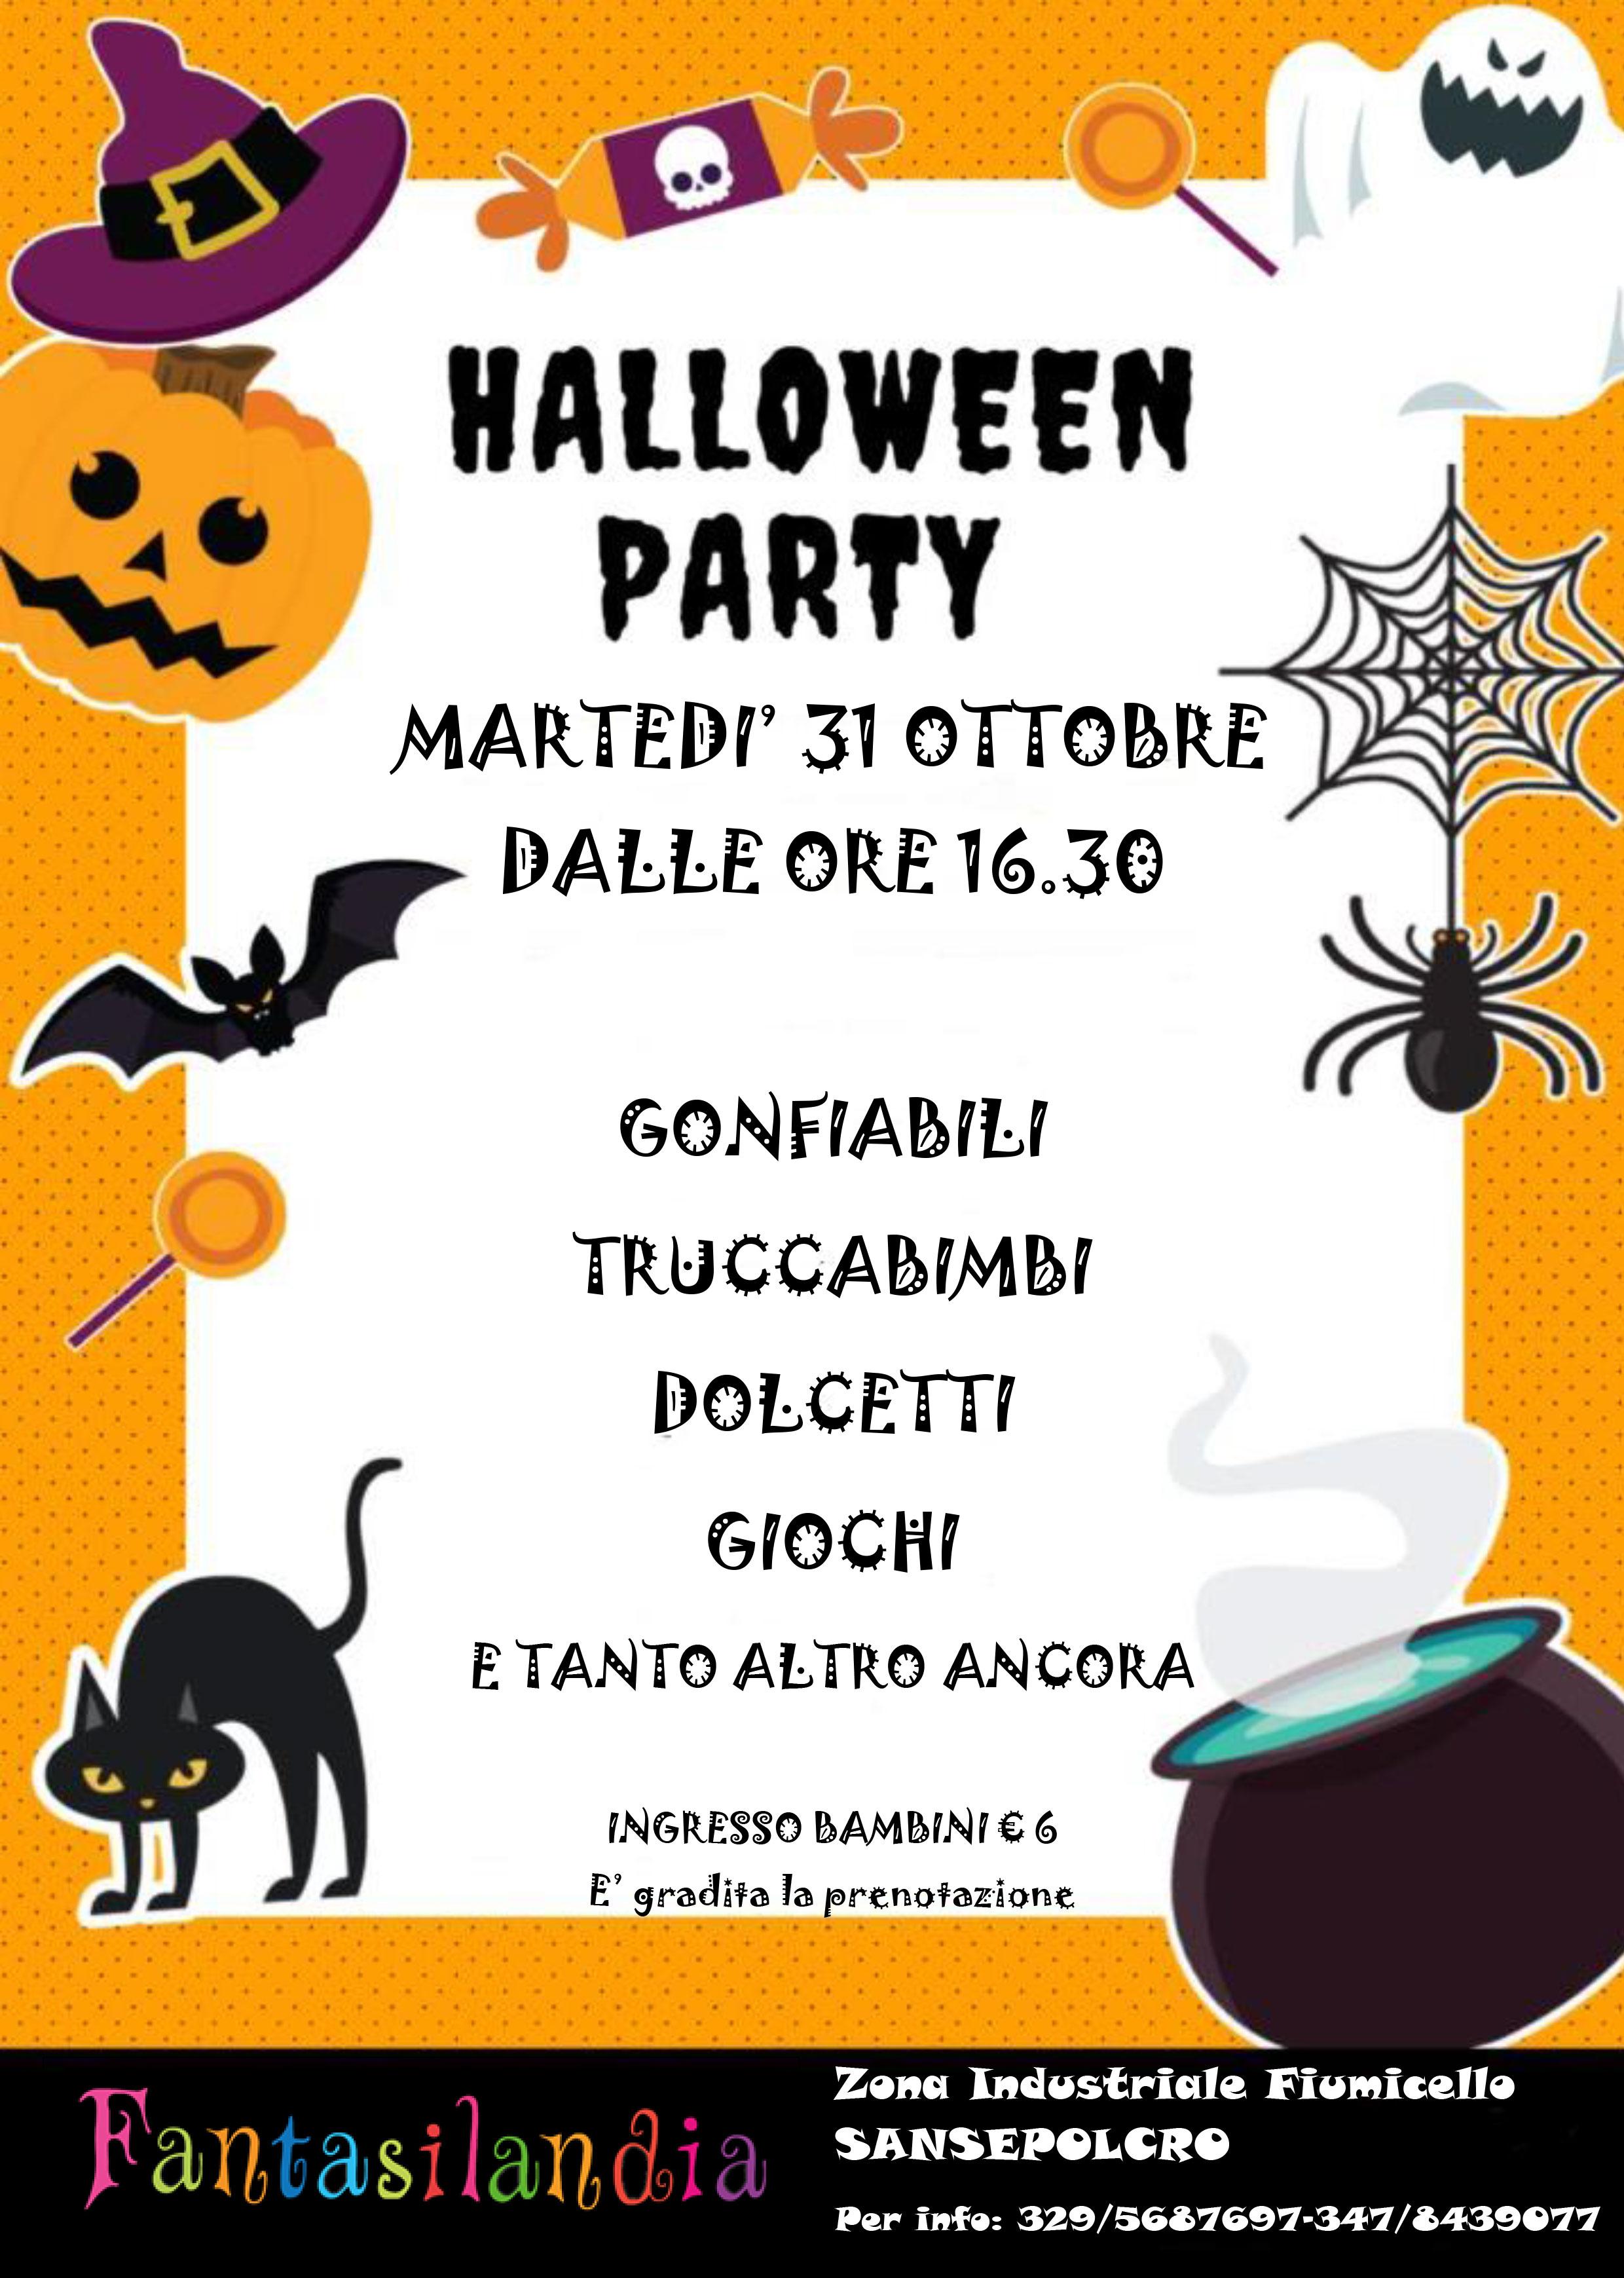 Halloween a Fantasilandia Sansepolcro